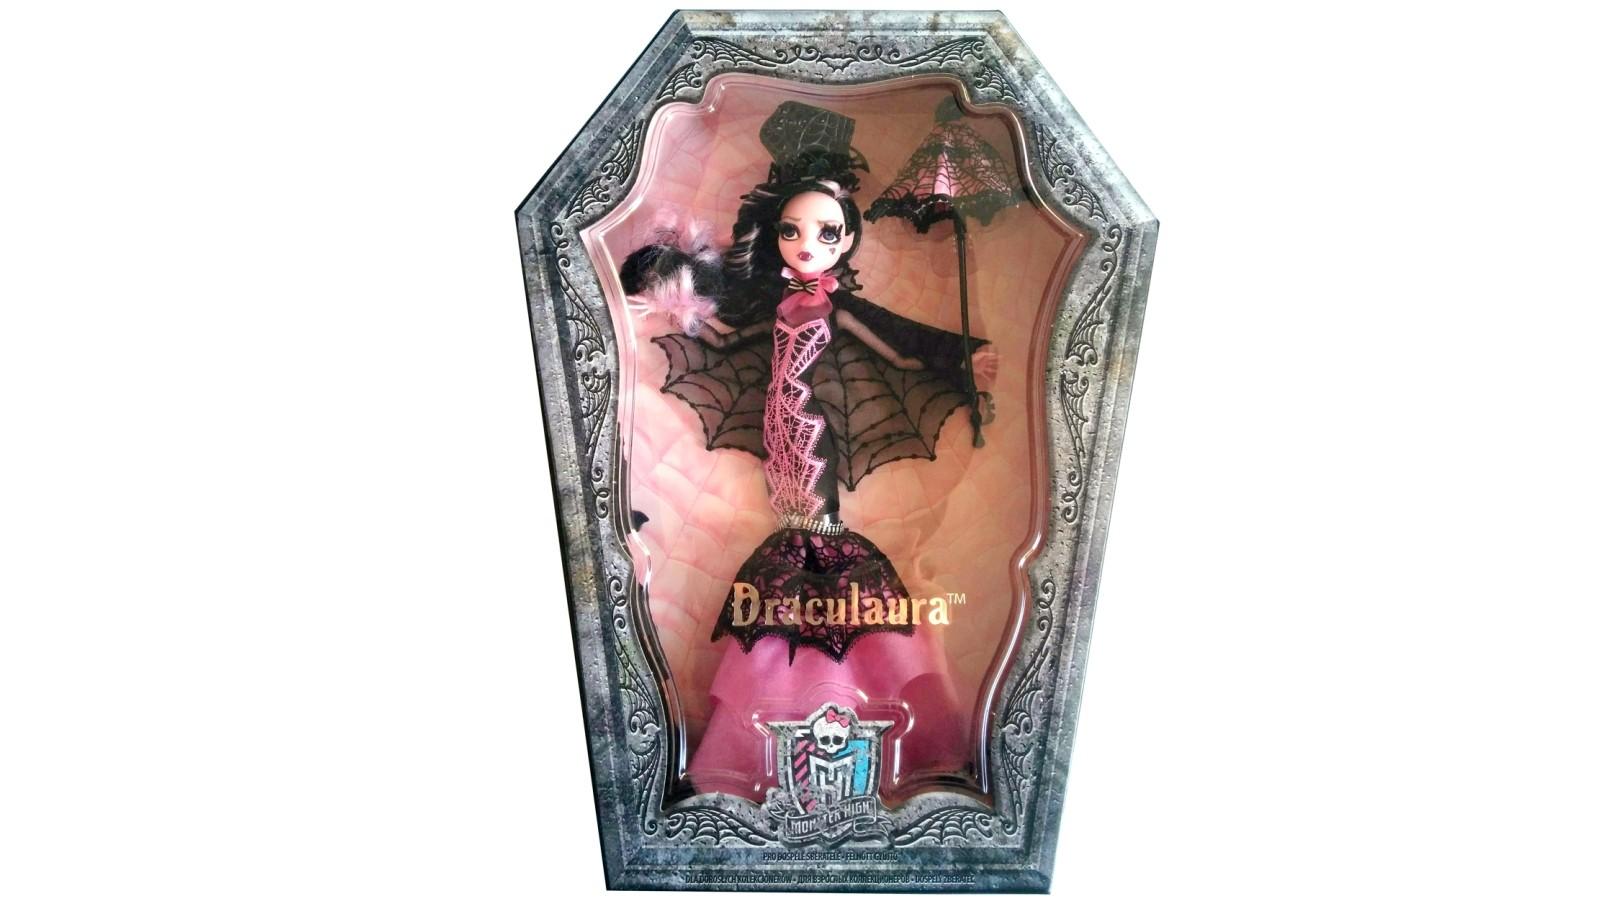 Darculaura – kolekcjonerska lalka Monster High